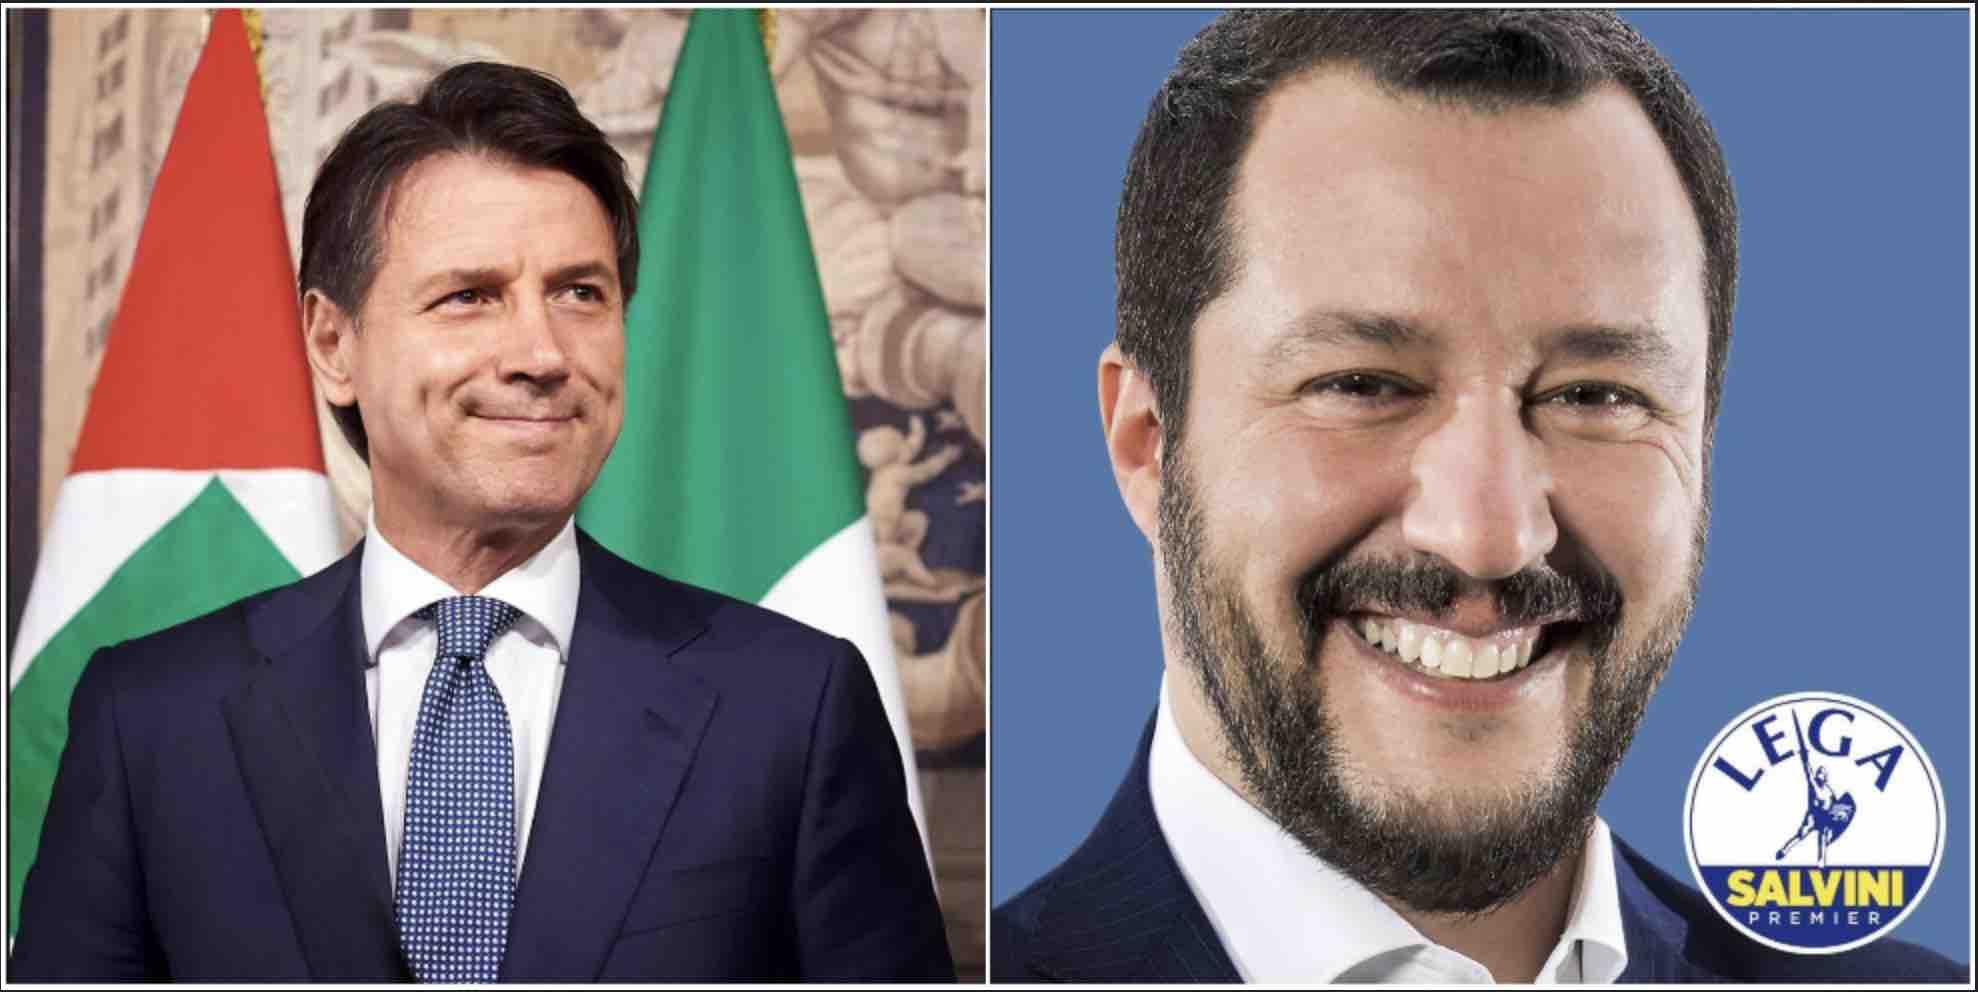 conte Salvini